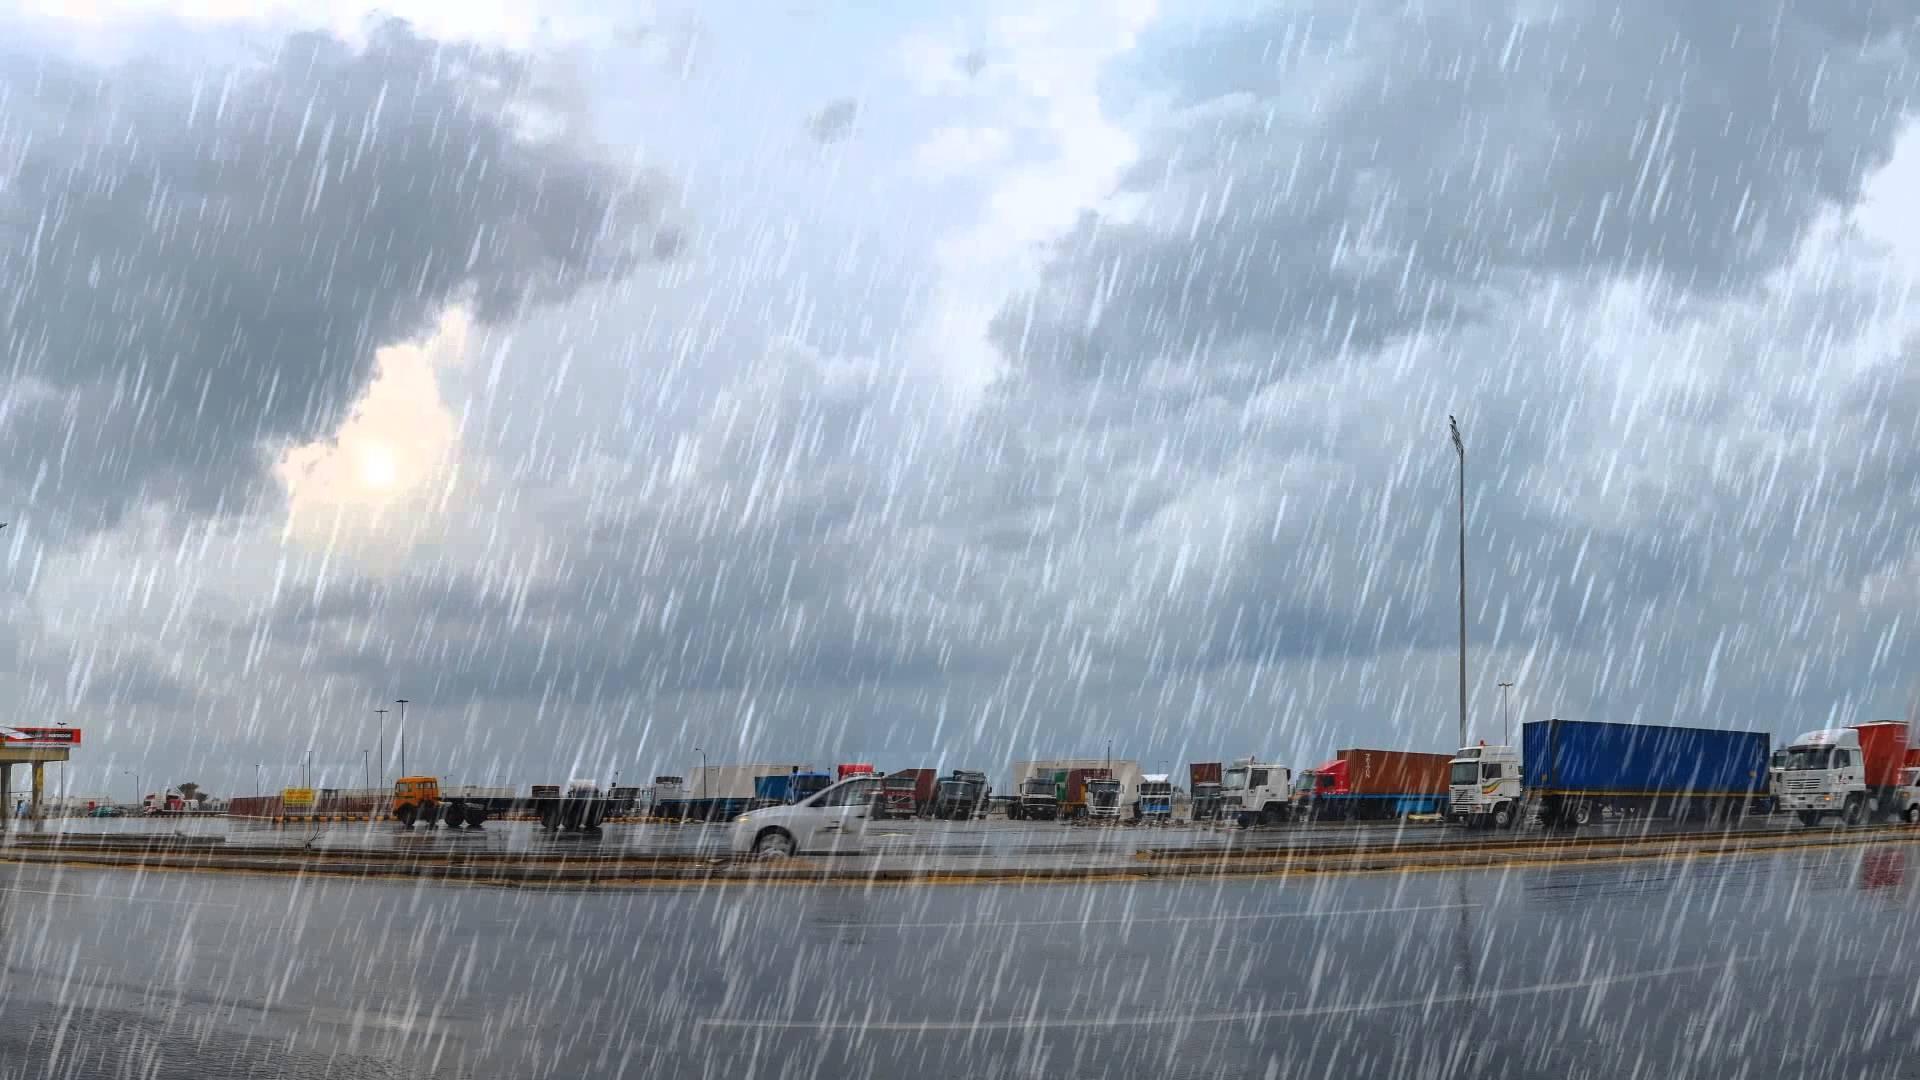 """""""مدني الطائف"""" يدعو لأخذ الحذر بالتزامن مع تنبيهات الأرصاد بهطول أمطار"""